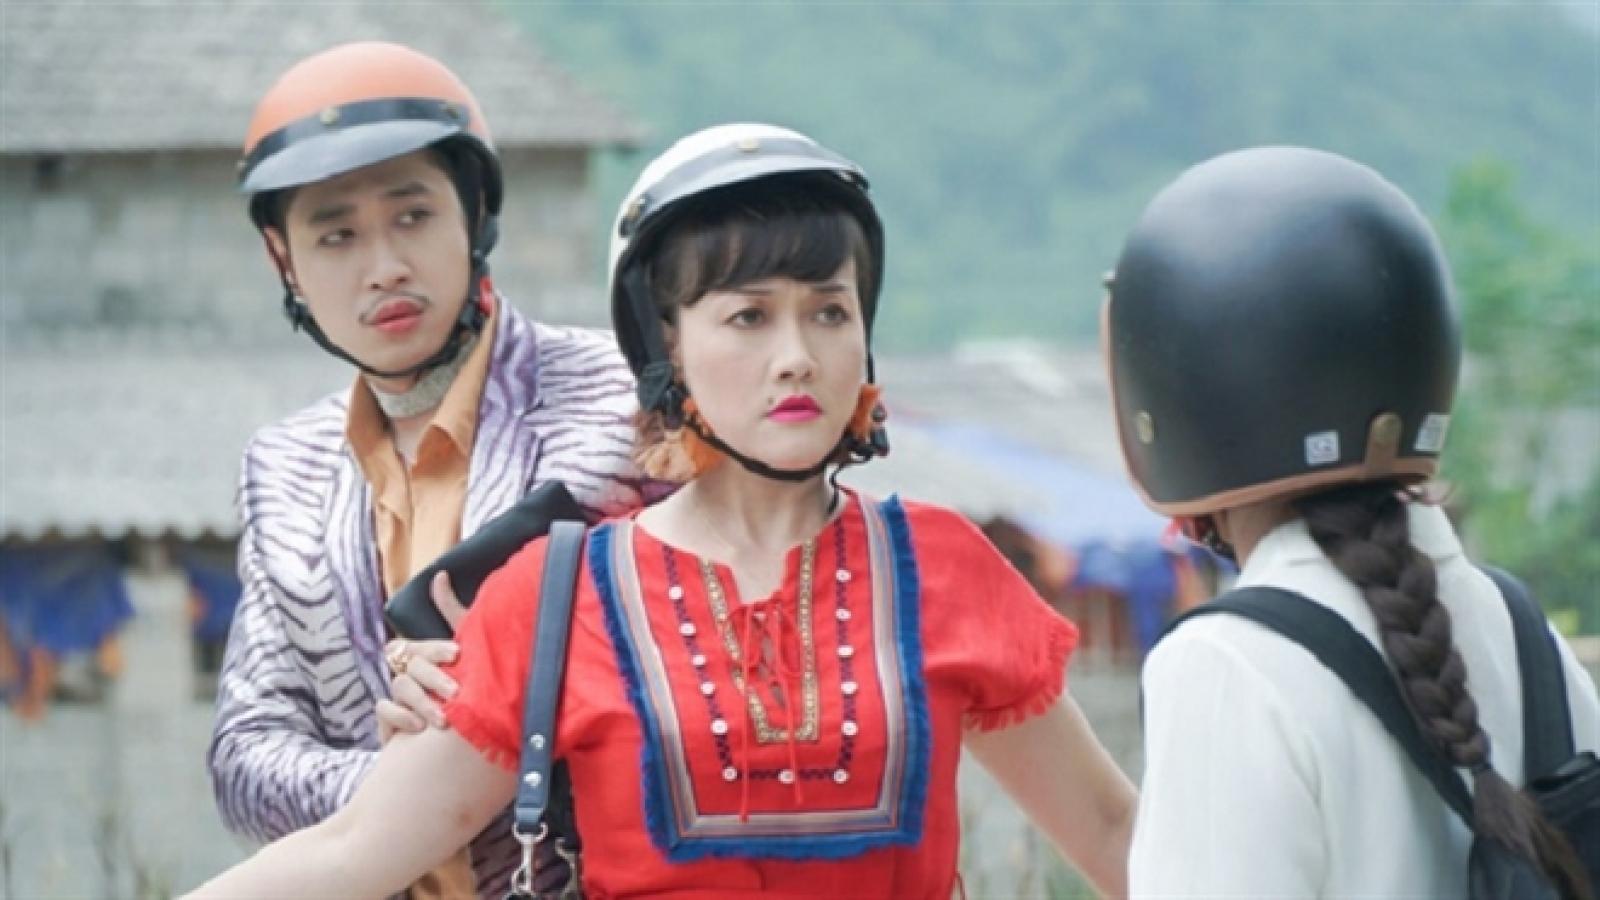 """Vân Dung: """"Nếu không diễn tốt nhân vật Diễm Loan, tôi bỏ nghề cho rồi"""""""